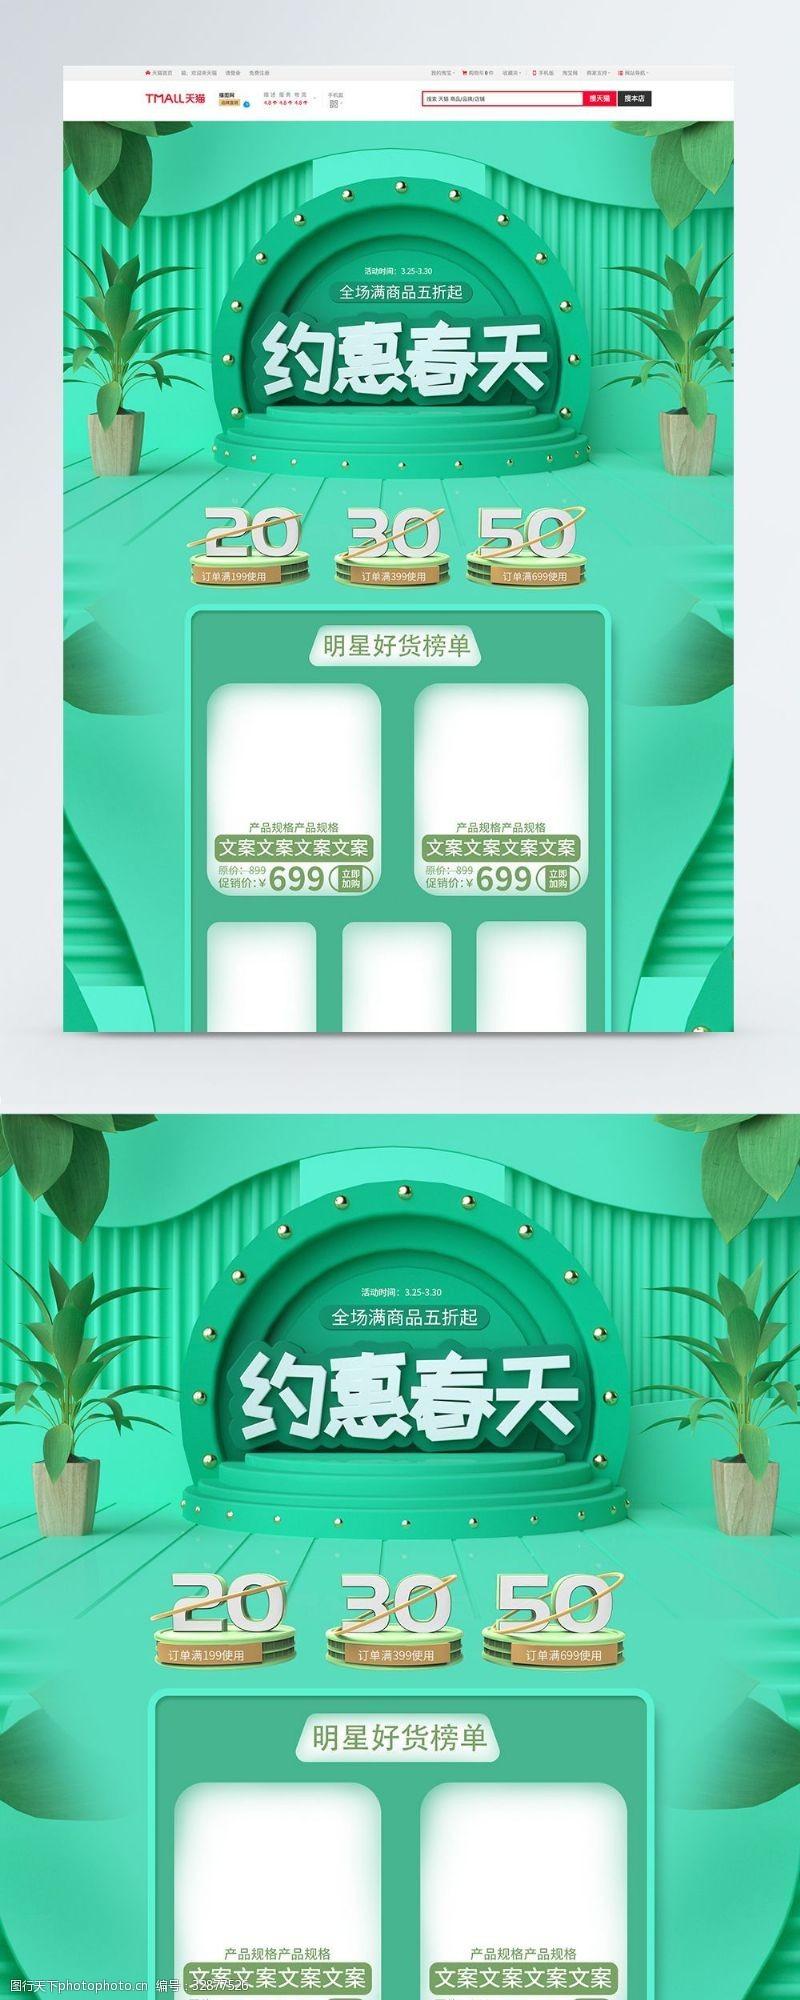 绿色约惠春天春季商品促销淘宝首页